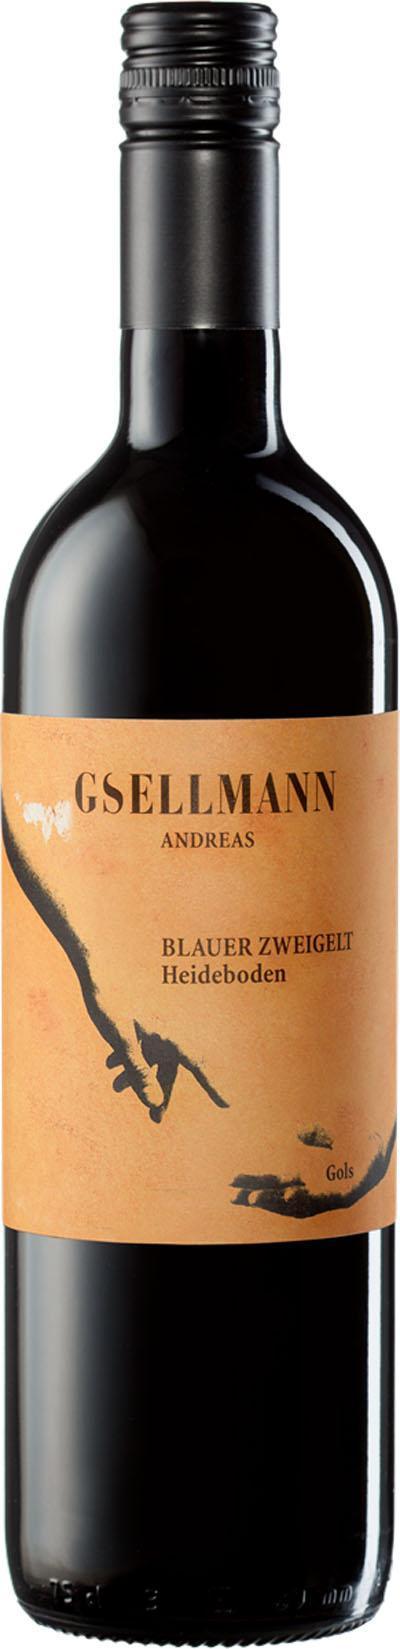 Blauer Zweigelt Heideboden 2016 / Gsellmann Hans